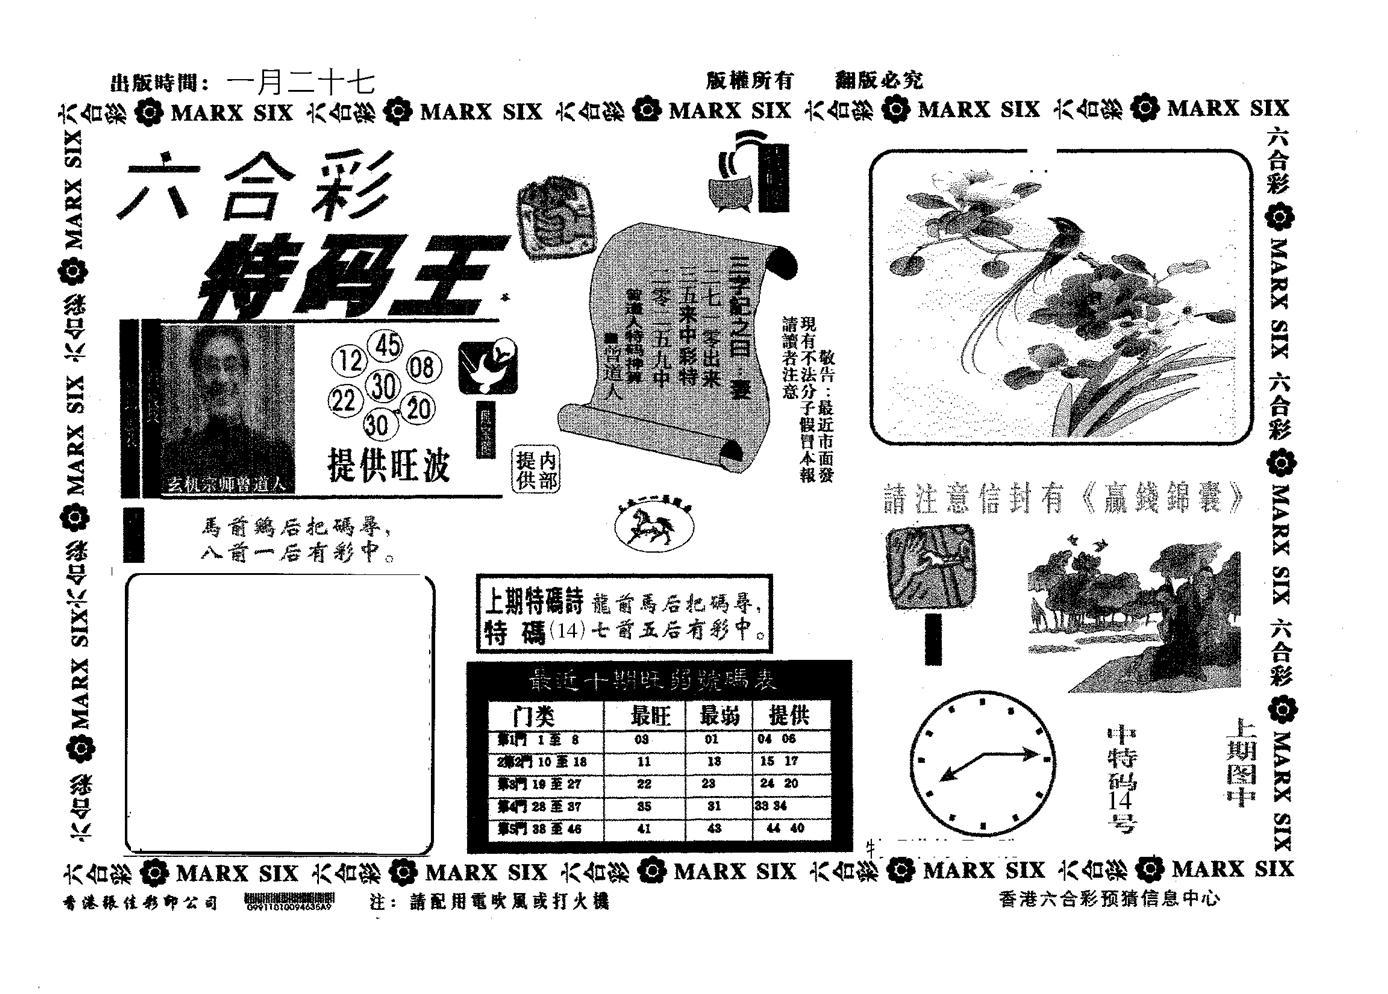 052期特码王B(黑白)